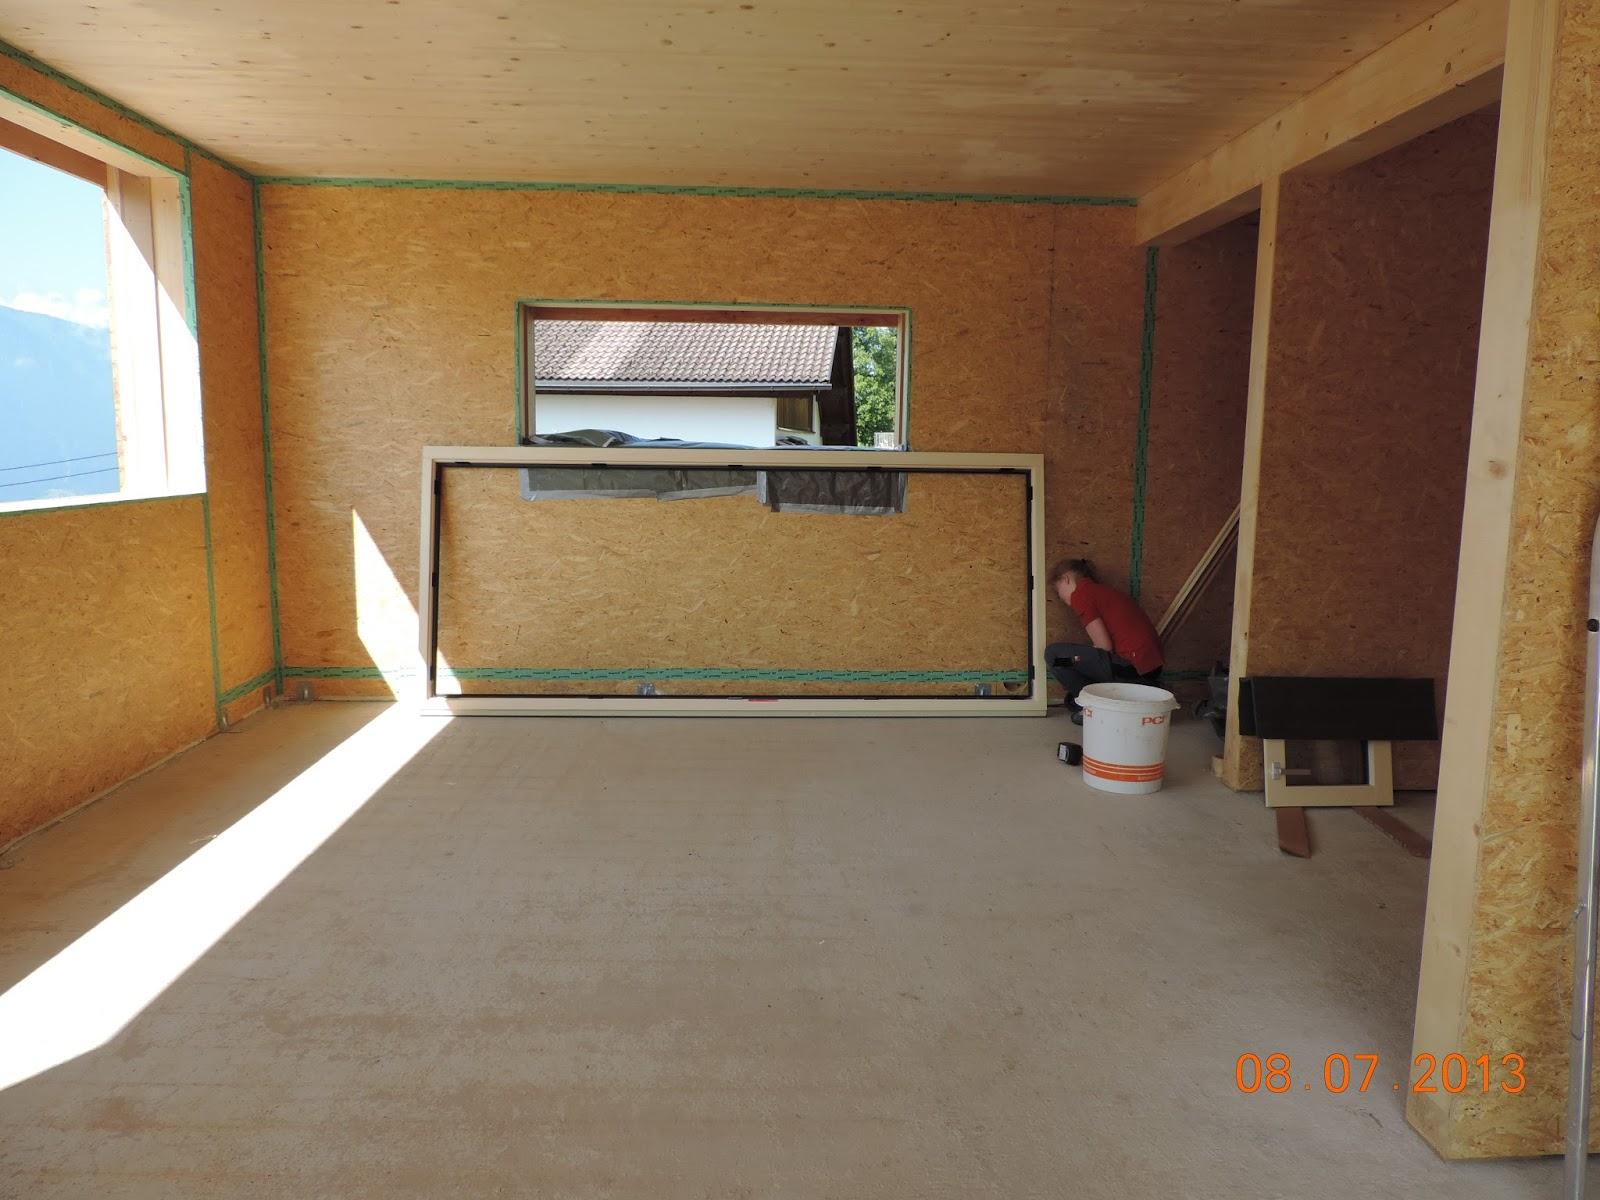 hausbau tagebuch von kathrin und kraxi kamin mauern und. Black Bedroom Furniture Sets. Home Design Ideas